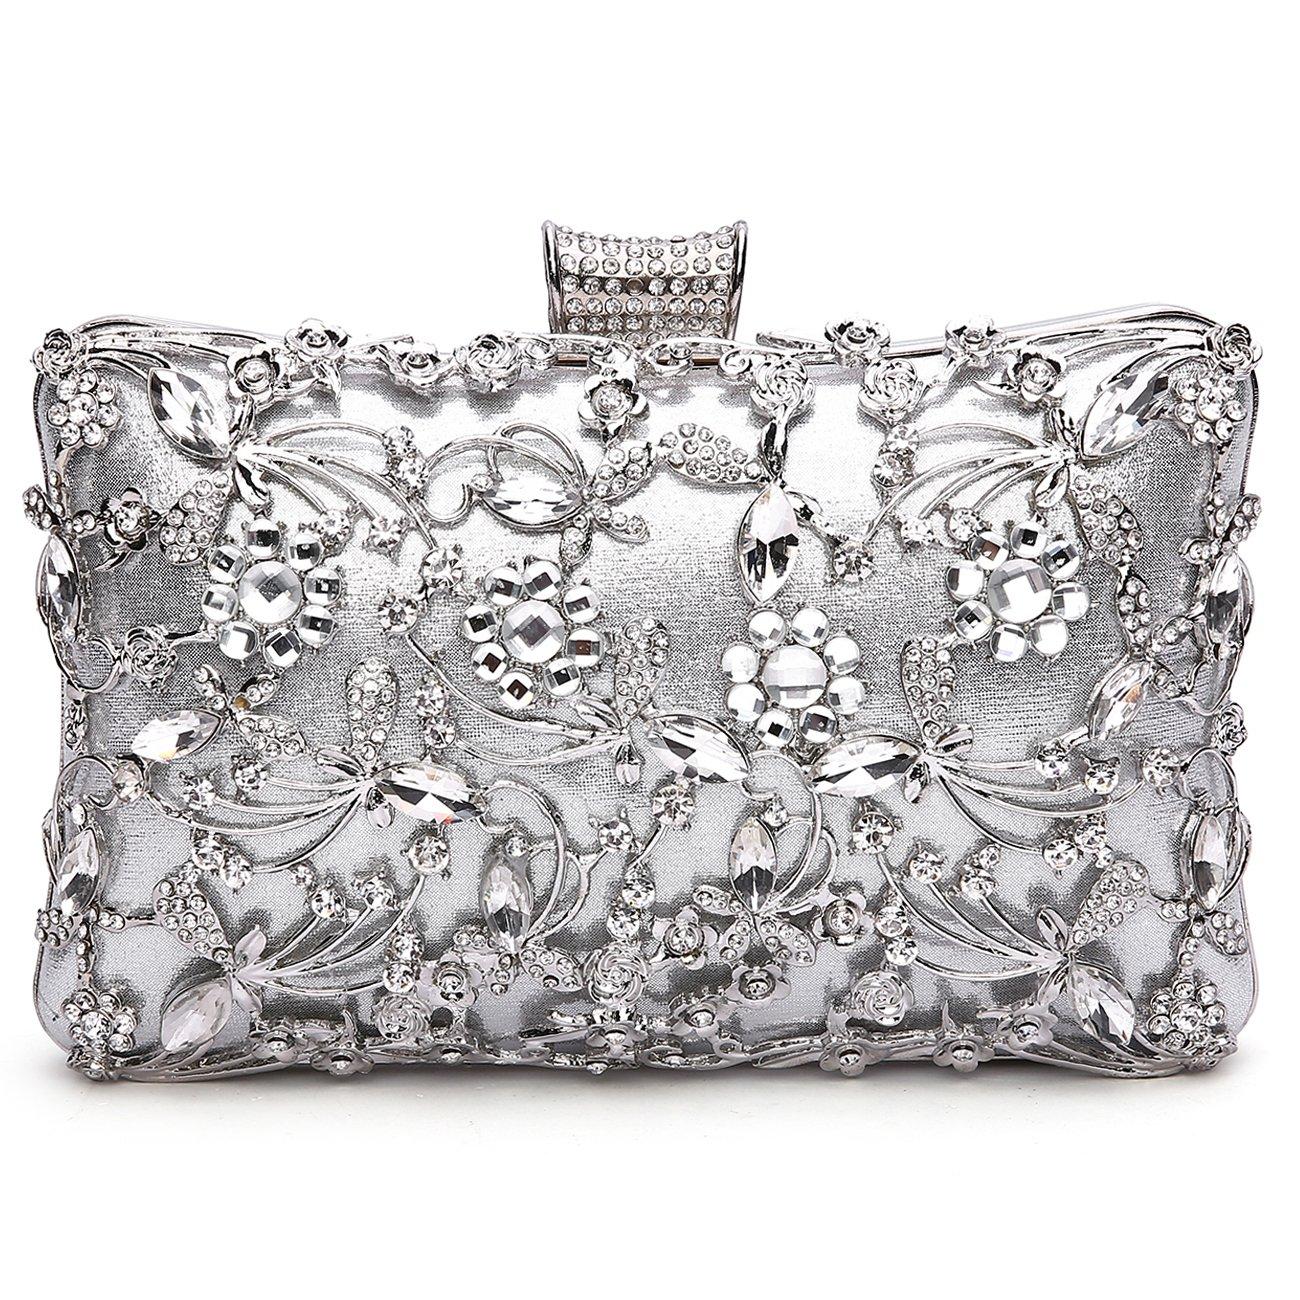 GESU Large Womens Crystal Evening Clutch Bag Wedding Purse Bridal Prom Handbag Party Bag.(Silver)